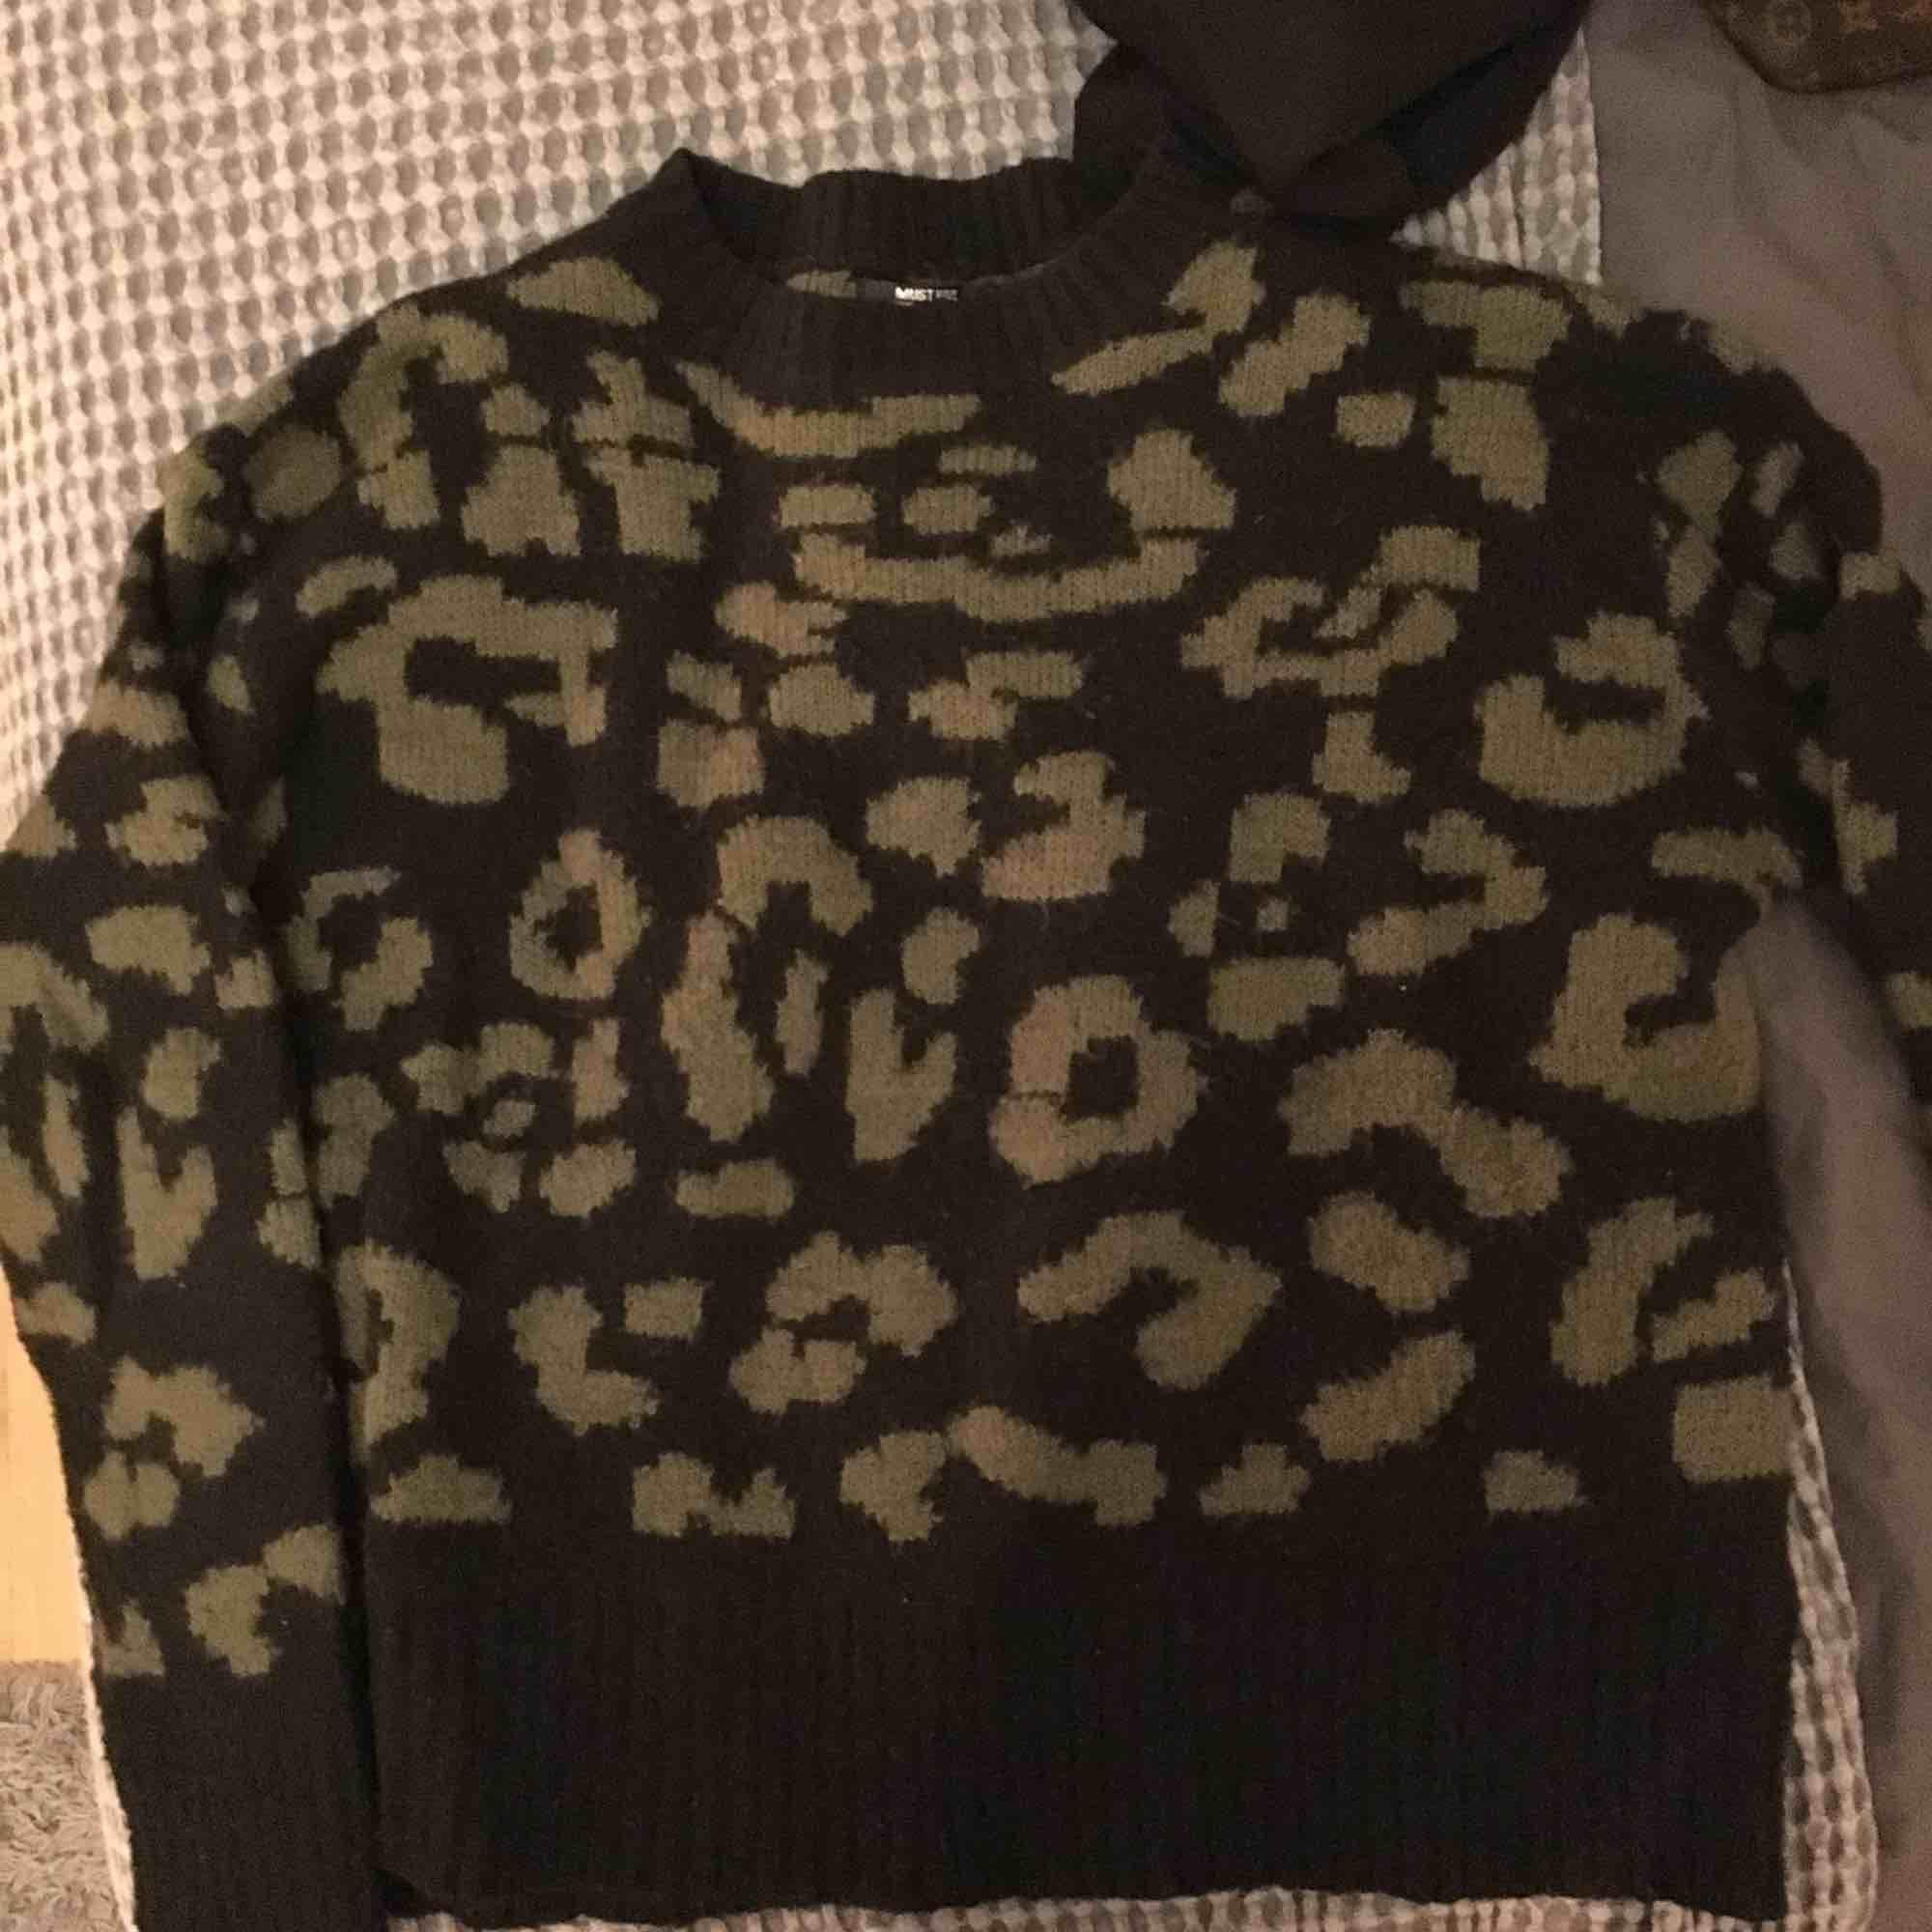 Säljer en så fin stickad tröja, den är i leopard mönster med med grön och svart👍🏽 har använts typ 3 gånger och den är super skön💕. Stickat.